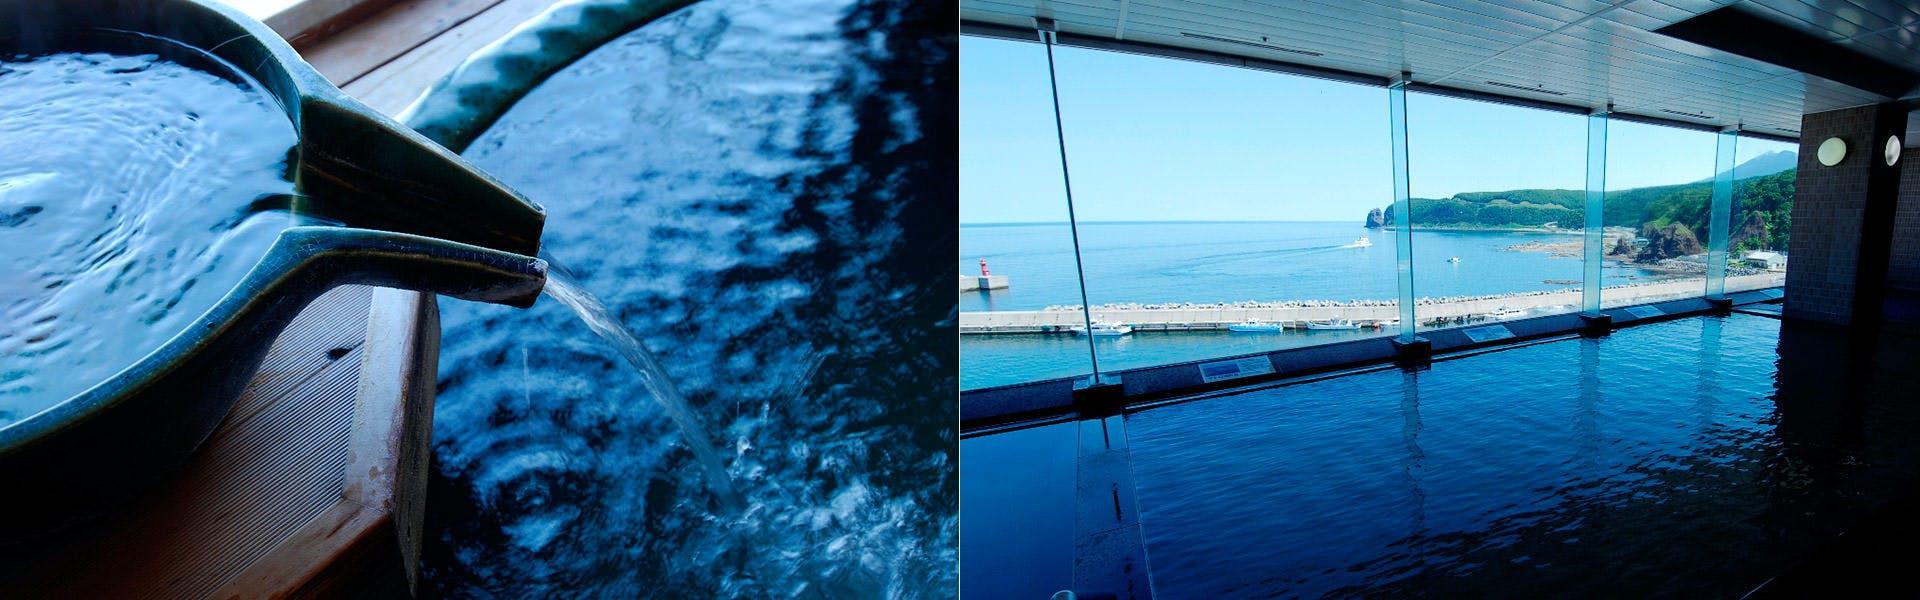 記念日におすすめのホテル・北こぶし知床 ホテル&リゾートの写真3